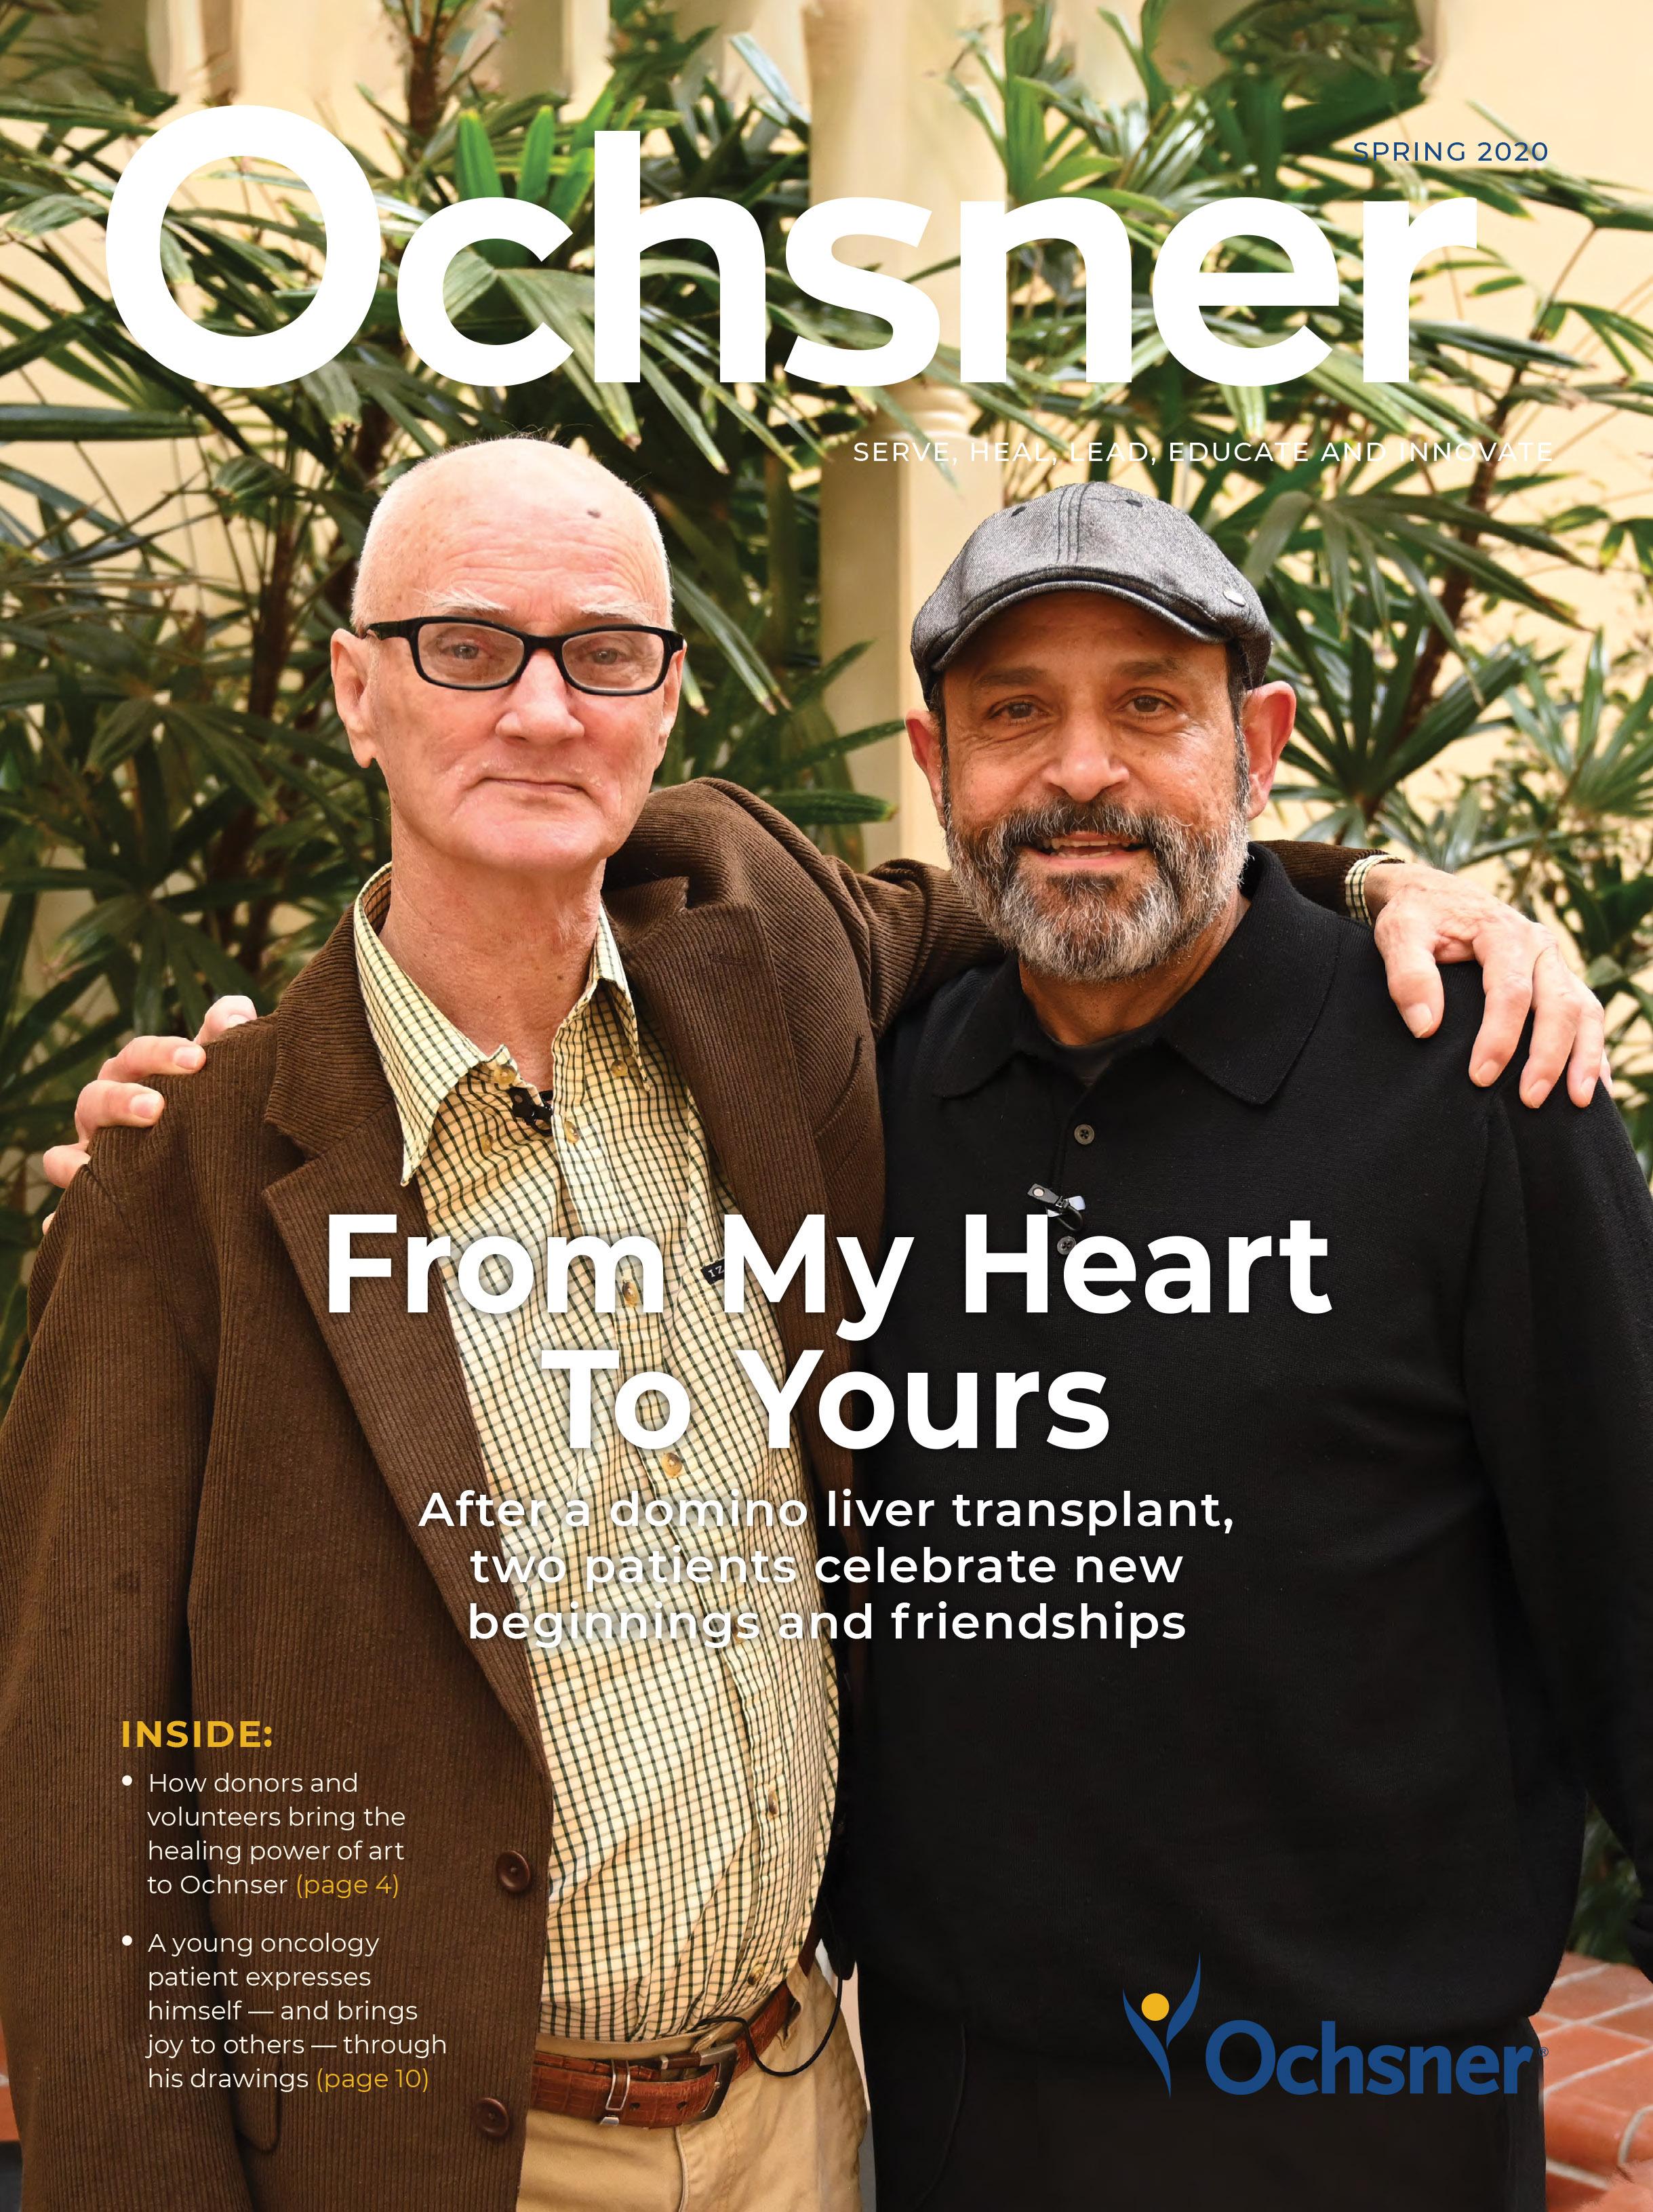 Ochsner Spring20 Cover